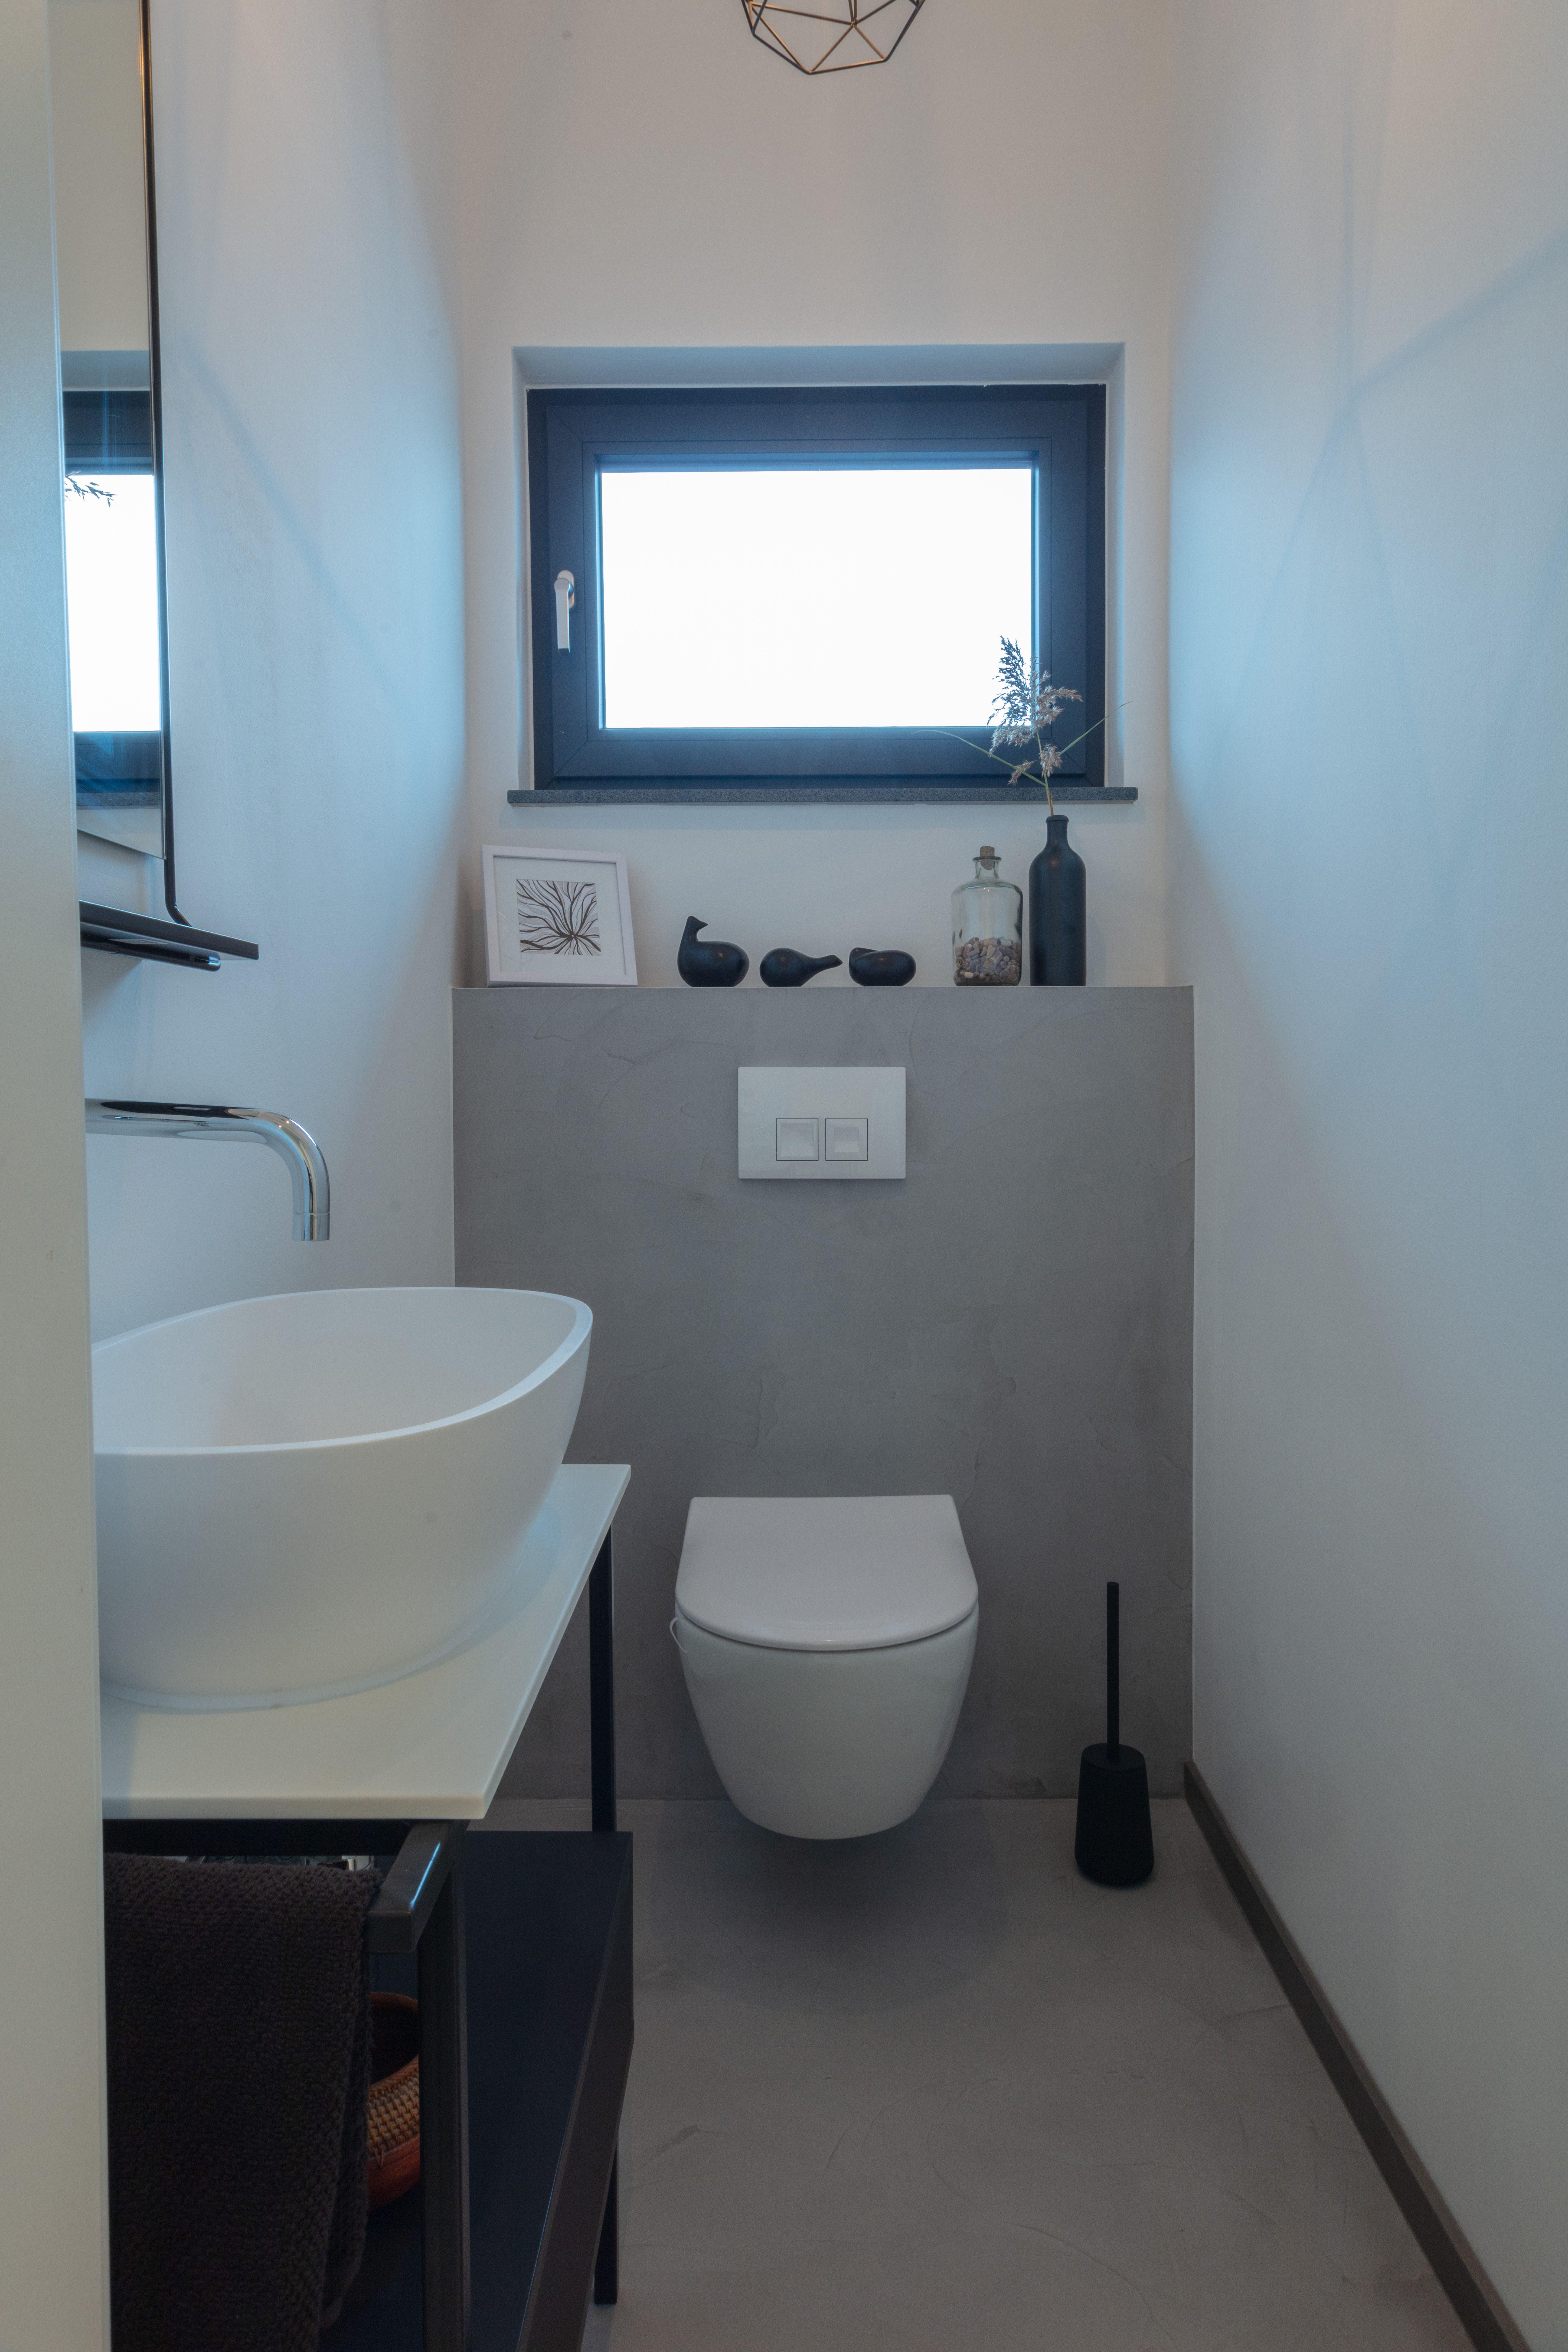 Badezimmer Wand Und Boden Ideen In 2020 Badezimmer Wand Badezimmer Streichen Badezimmer